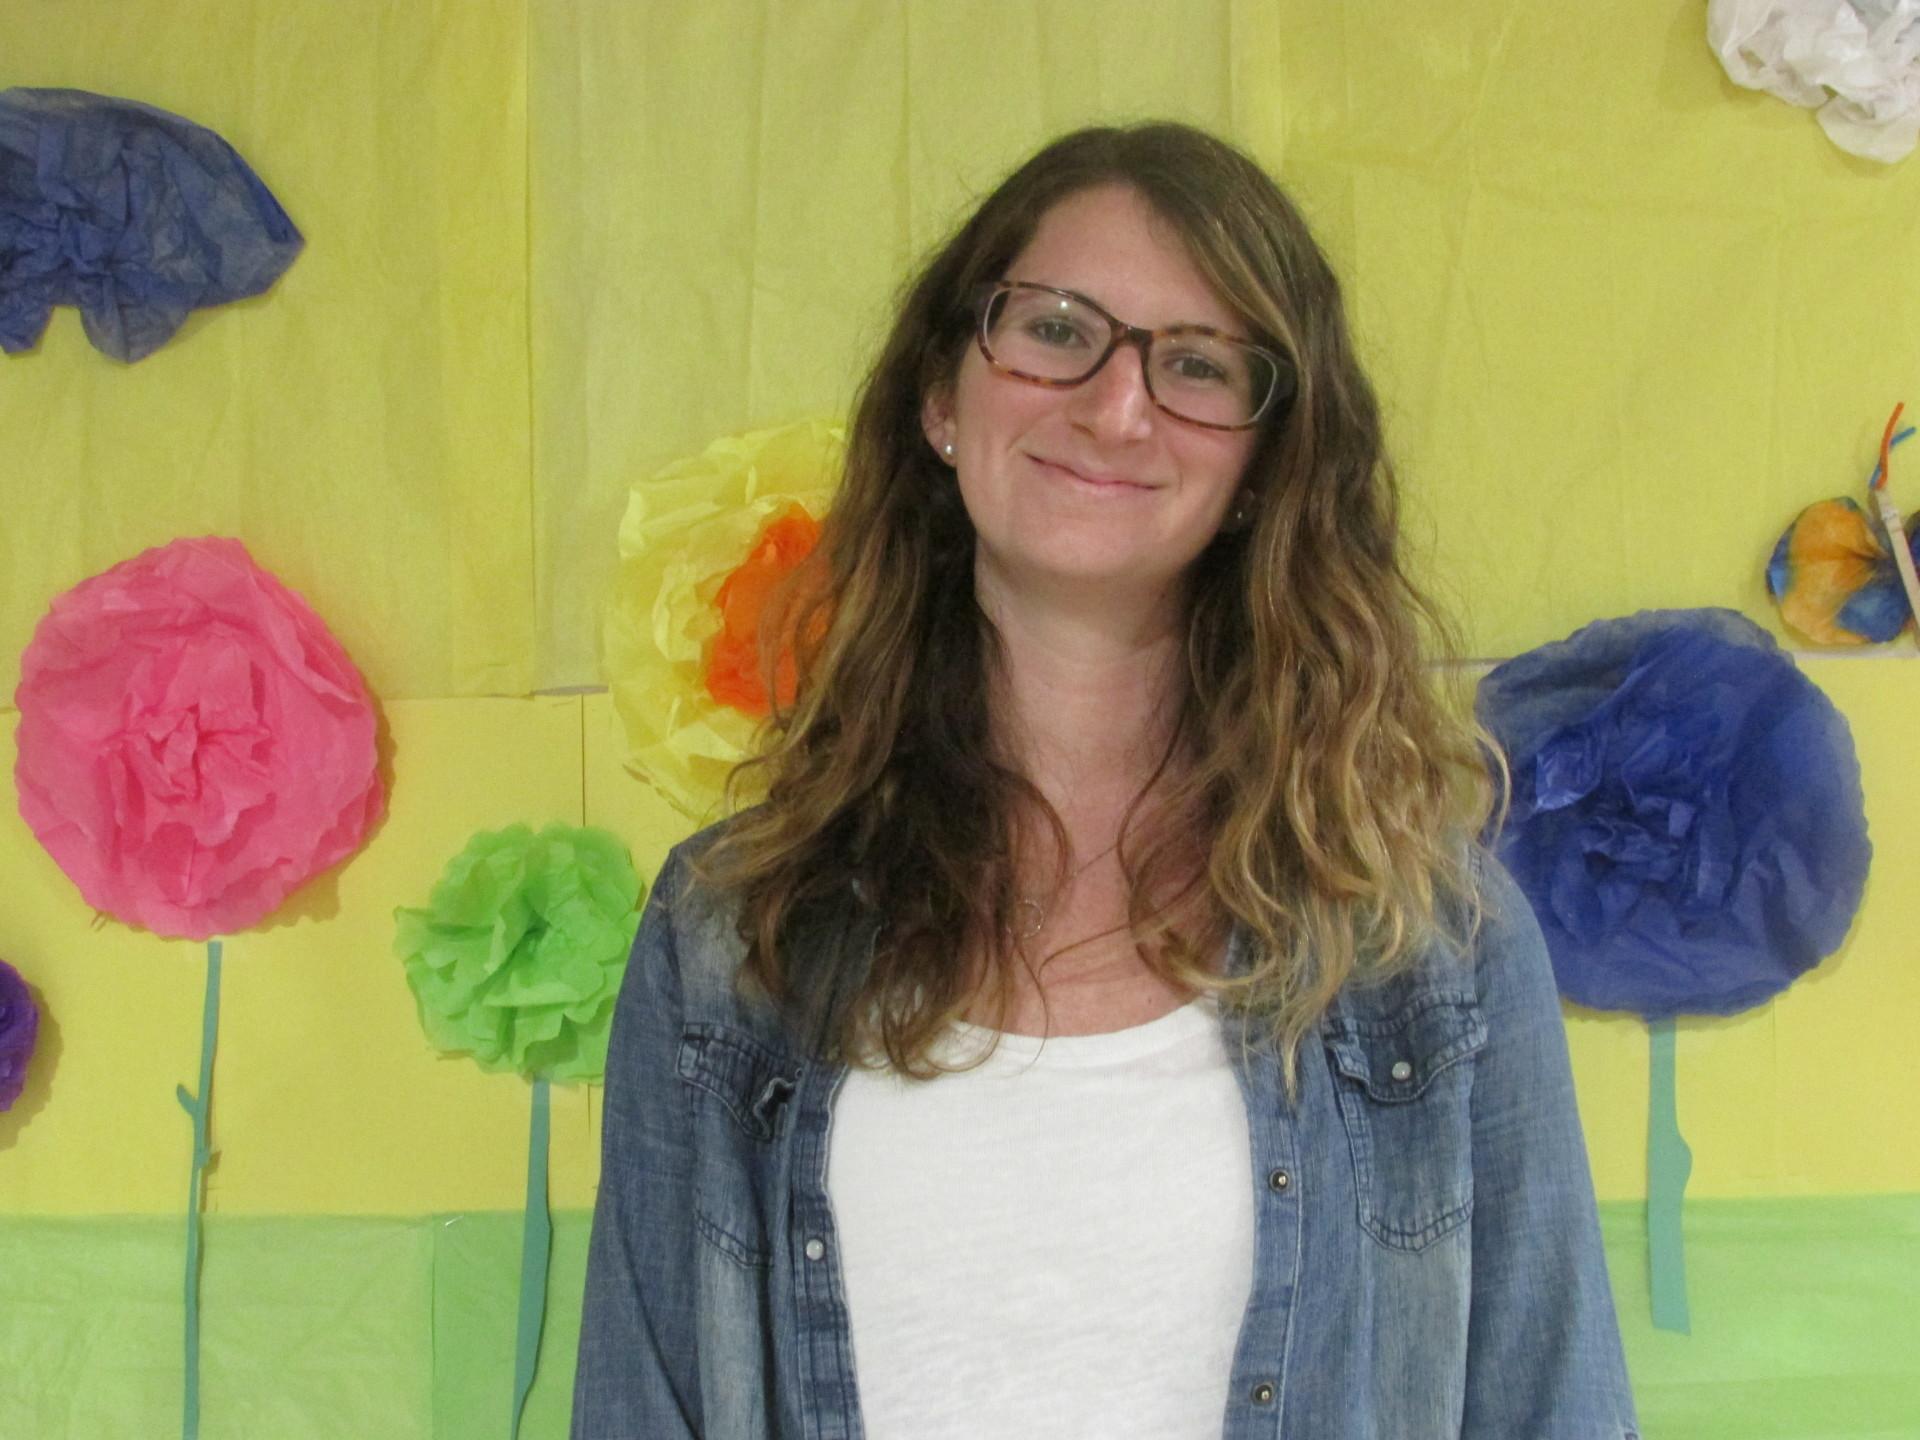 Alysha, Art Therapist